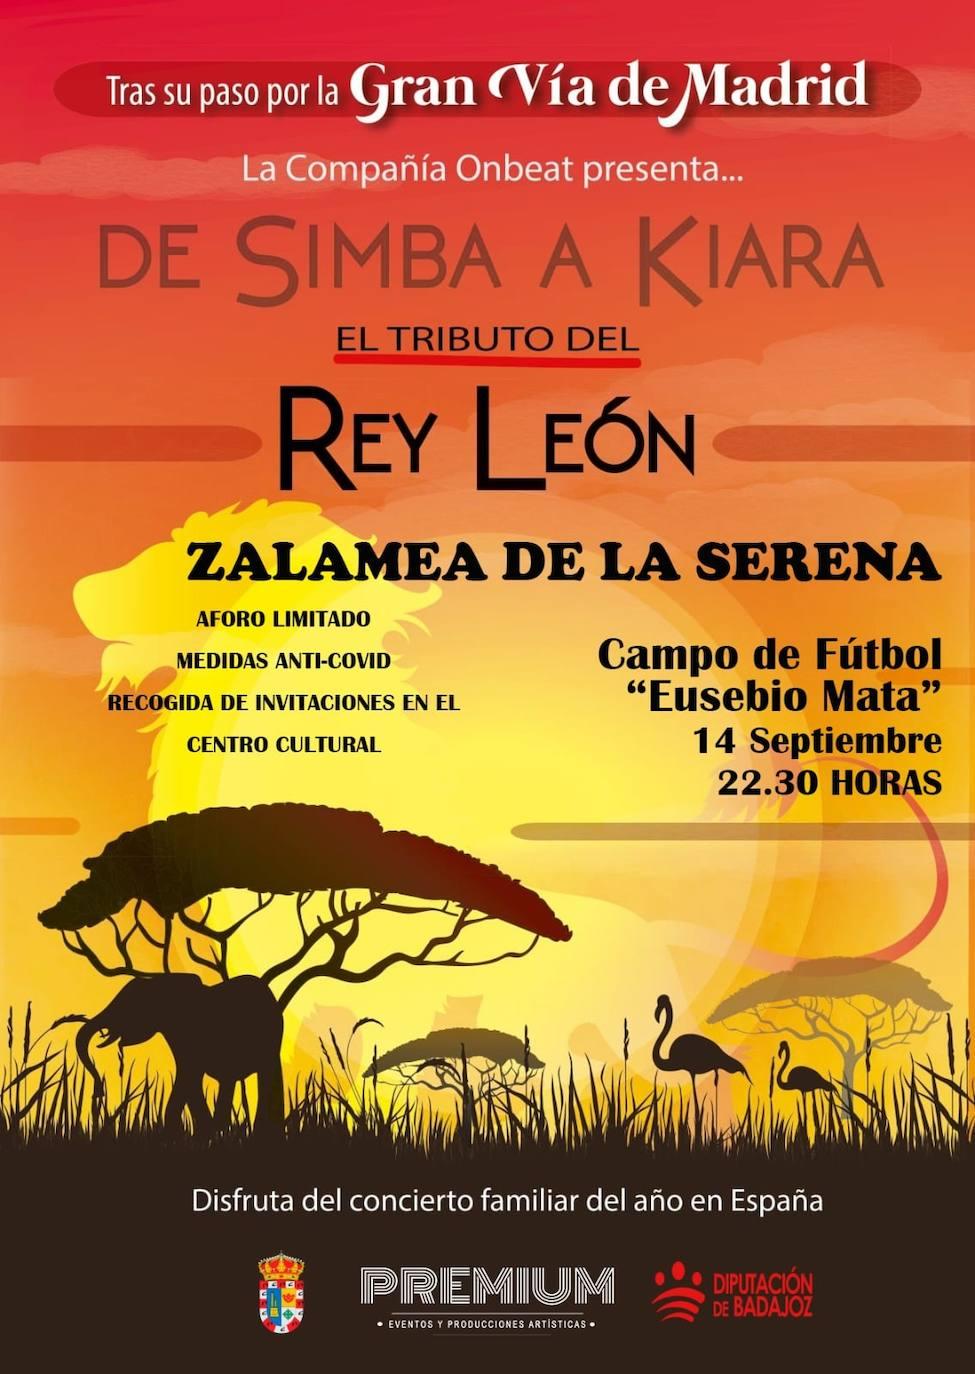 'De Simba a Kiara', el musical tributo del Rey León, llega a Zalamea el próximo 14 de septiembre